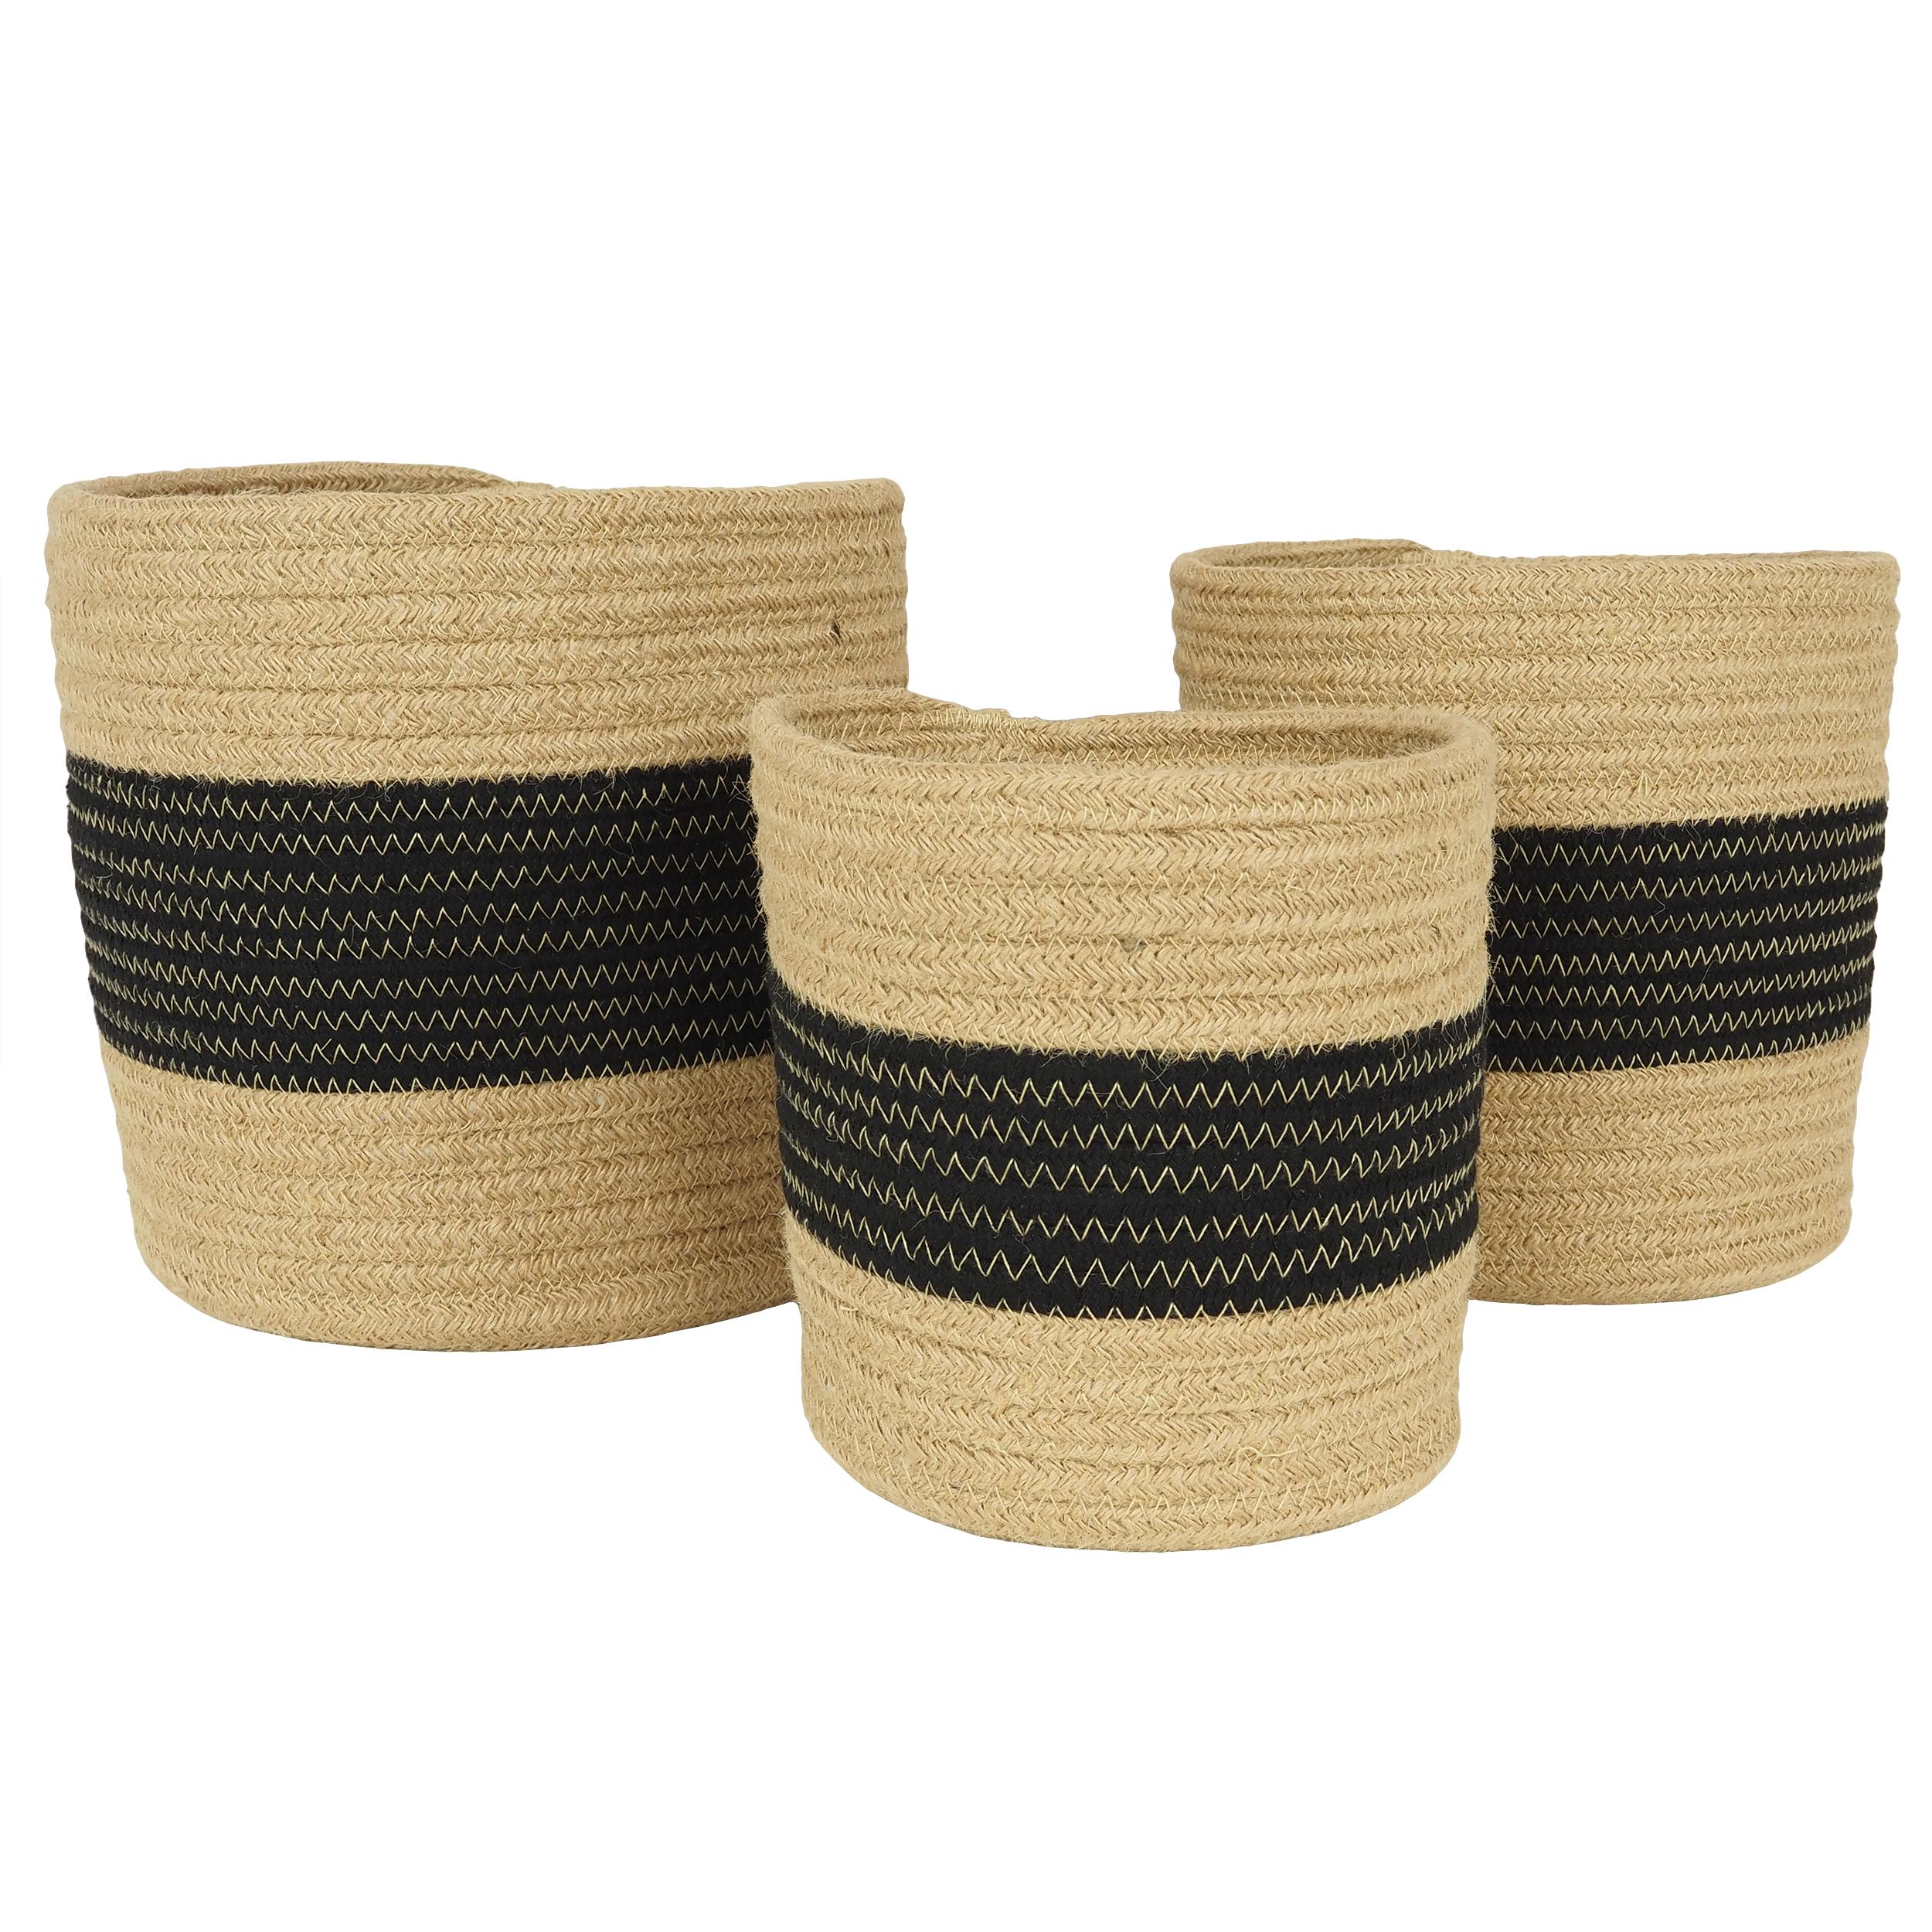 3 cache-pots panier tissé coton couleur naturelle et noir 17/21/23cm (photo)